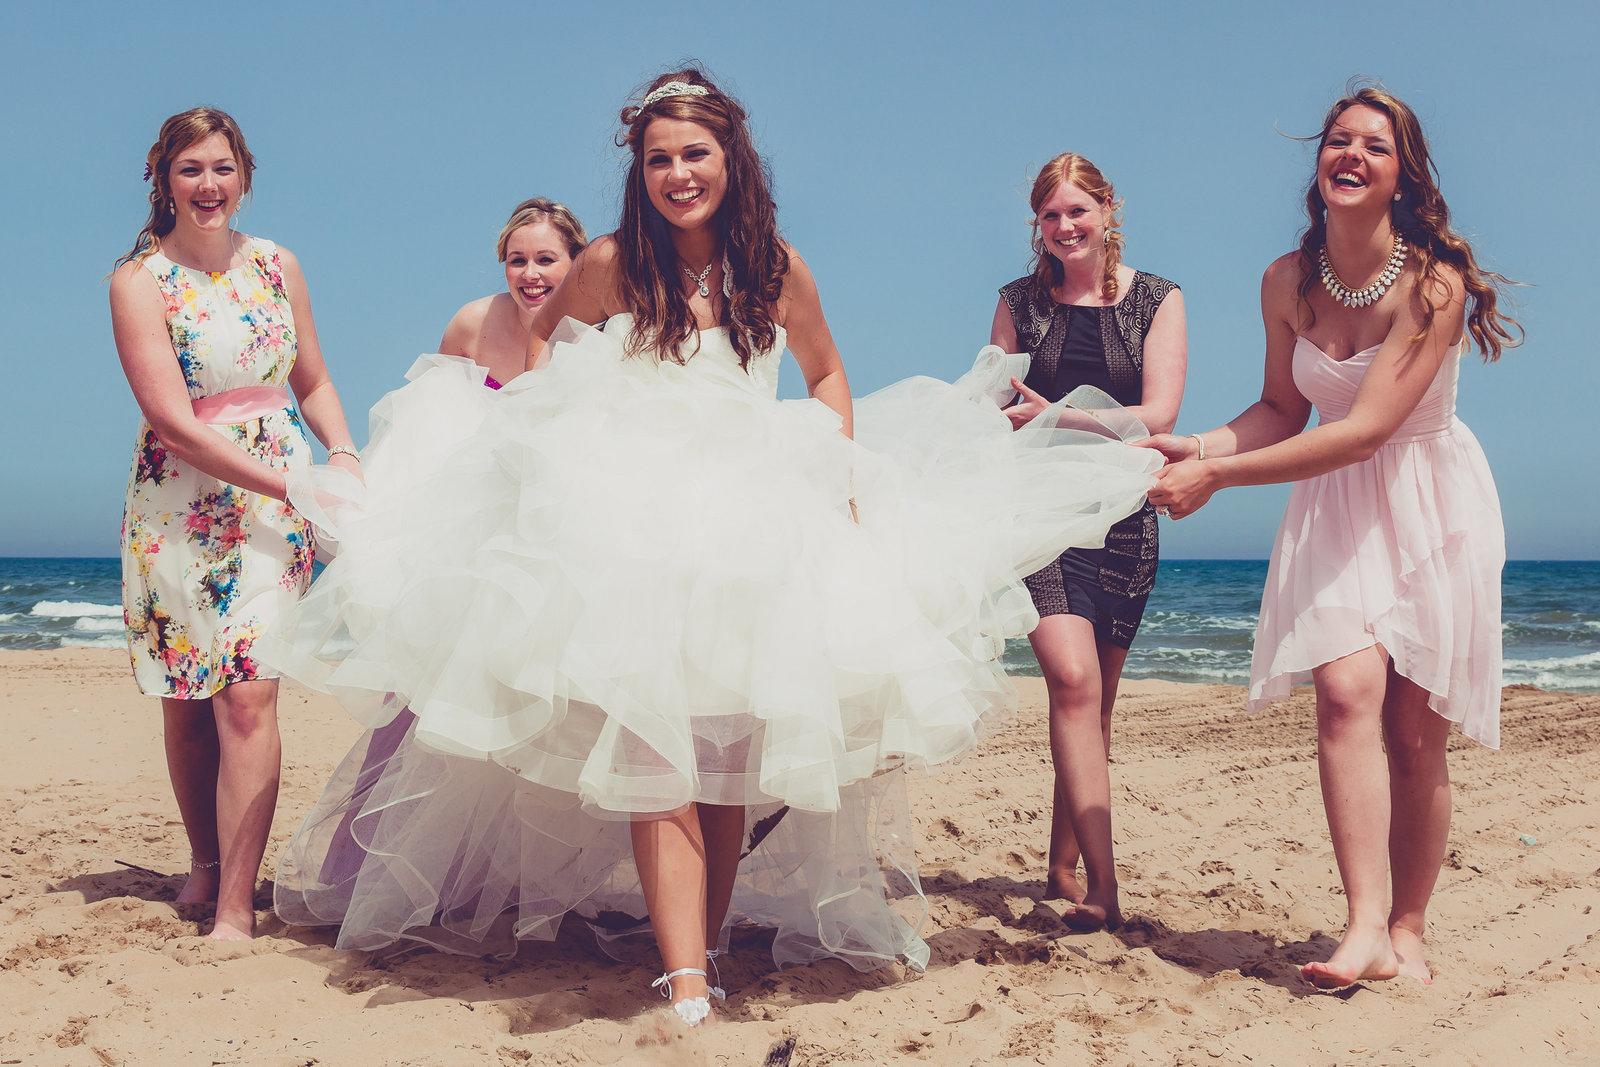 Hoe vrolijk is deze bruid met haar vriendinnen op et strand. Een bruiloft in Italie. Italian beach wedding. Copyright Nanda Zee-Fritse | FOTOZEE